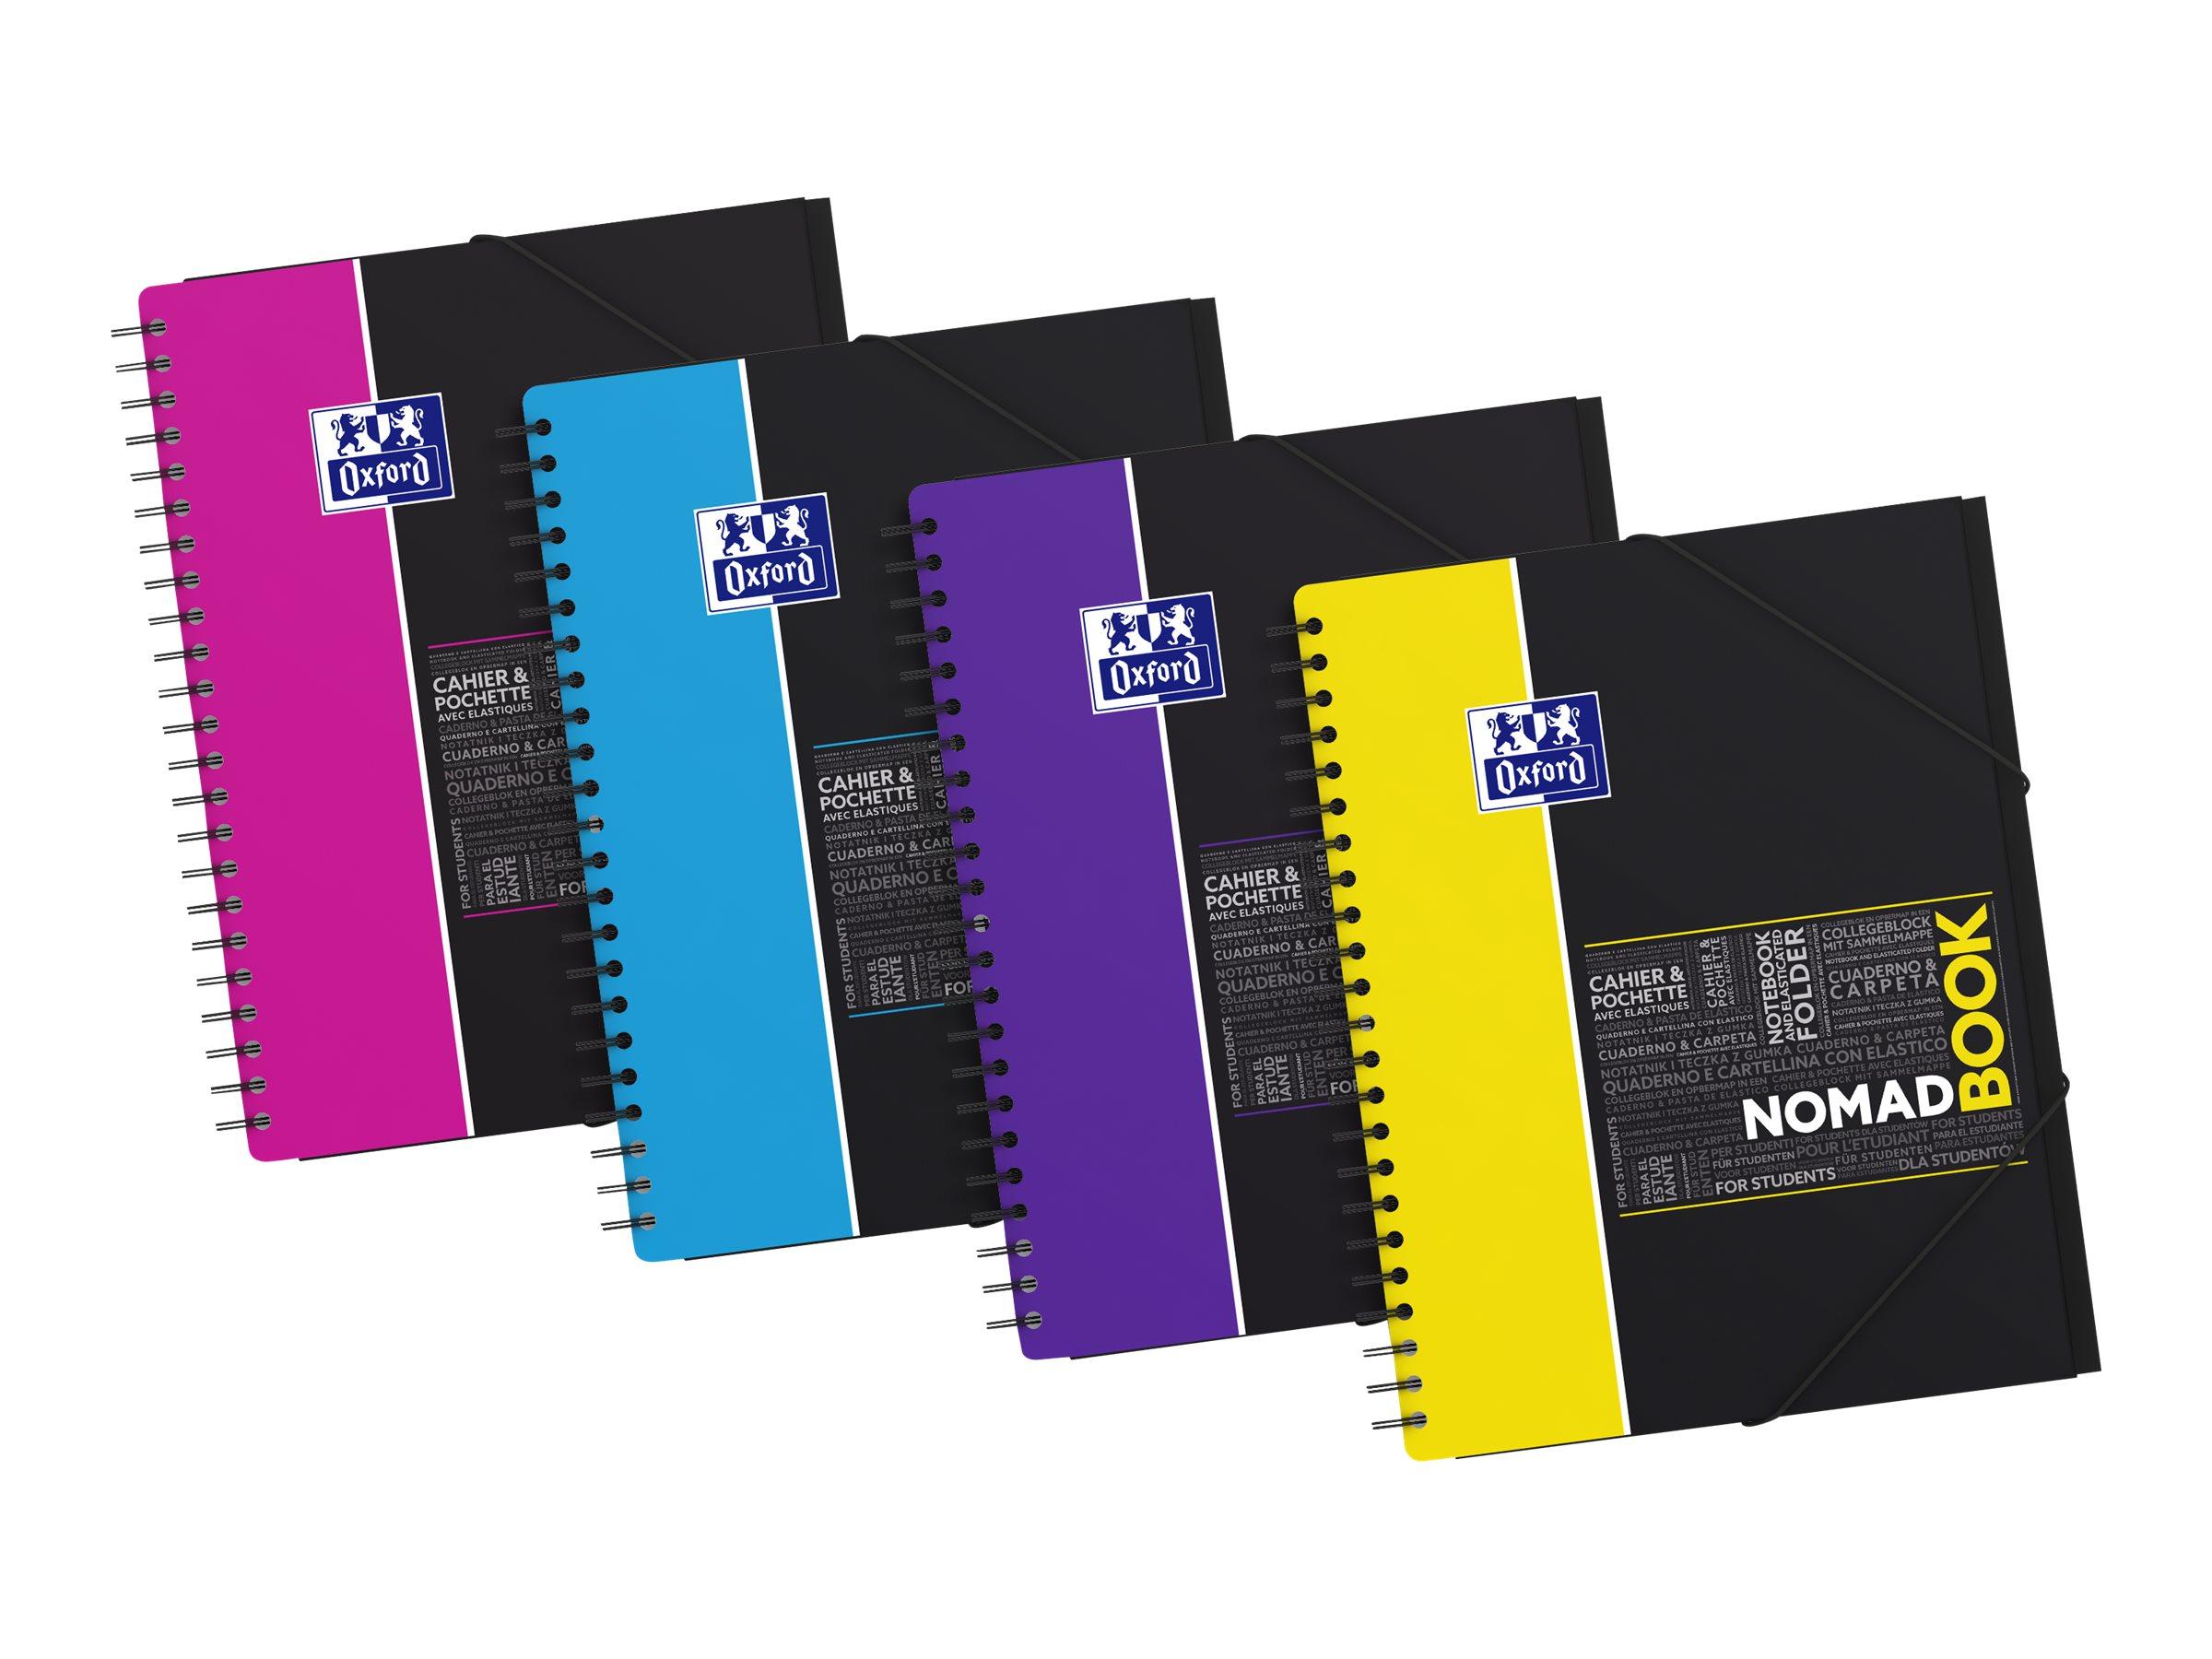 Oxford Etudiants - Cahier Nomadbook A4+ (24 x 29,7 cm) avec pochettes 3 rabats - 160 pages - petits carreaux (5x5 mm) - double spirale - disponible dans différentes couleurs